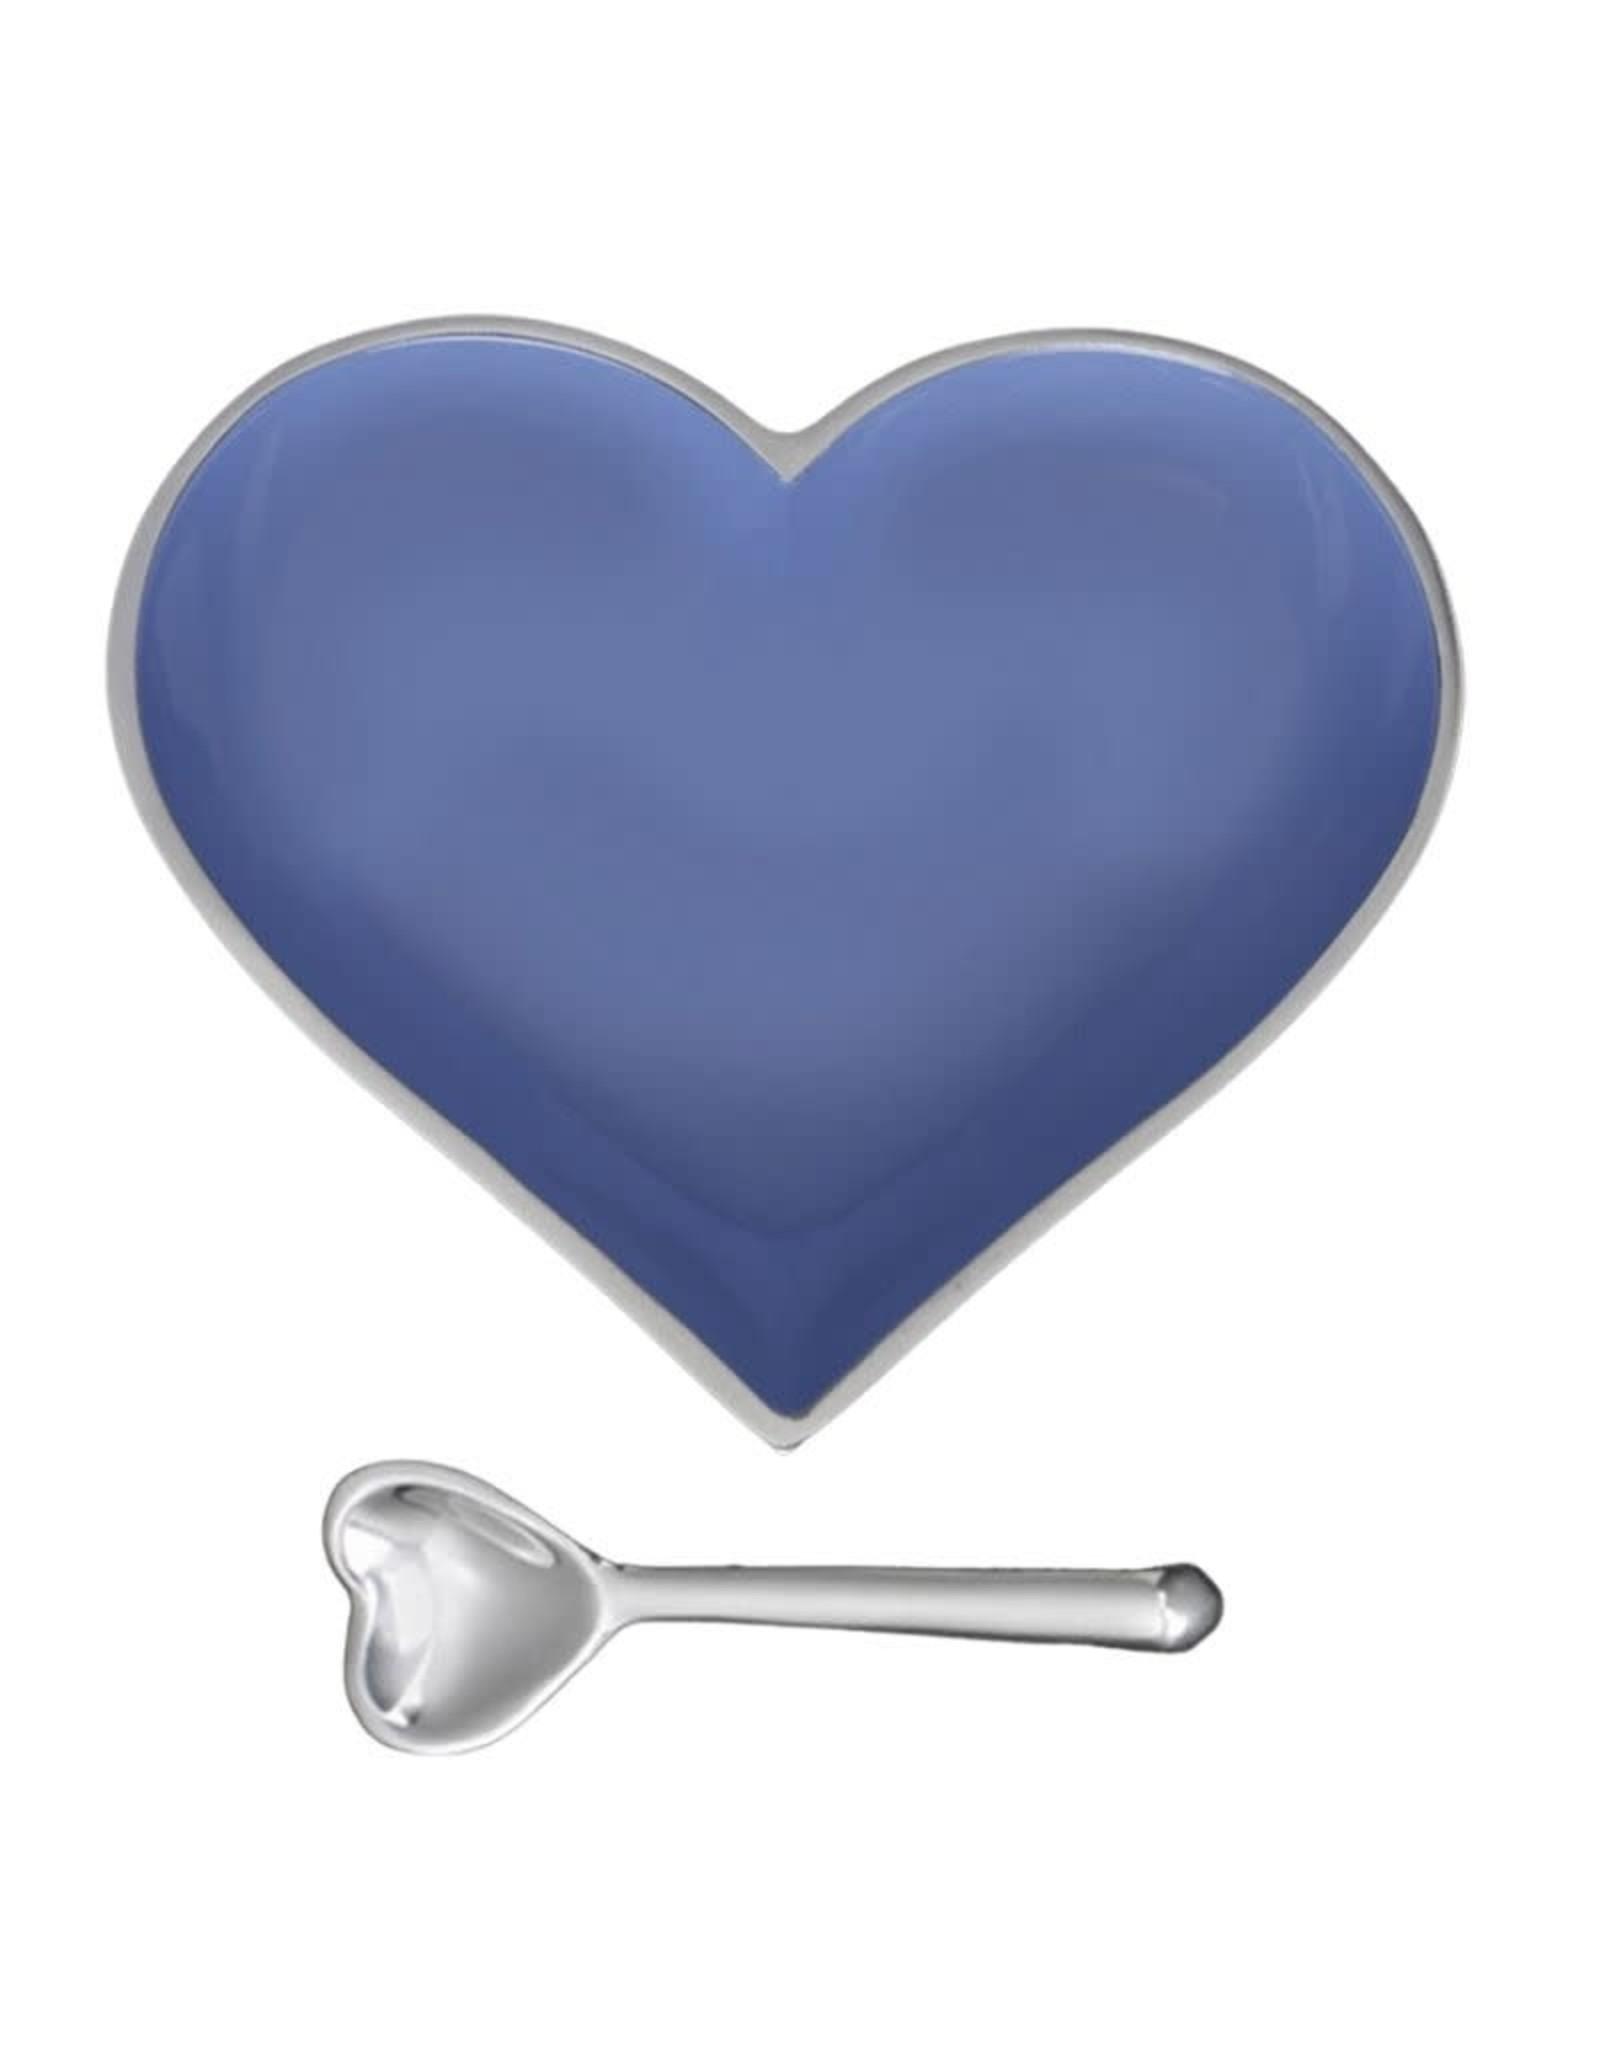 Happy Periwinkle Heart w/Heart Spoon